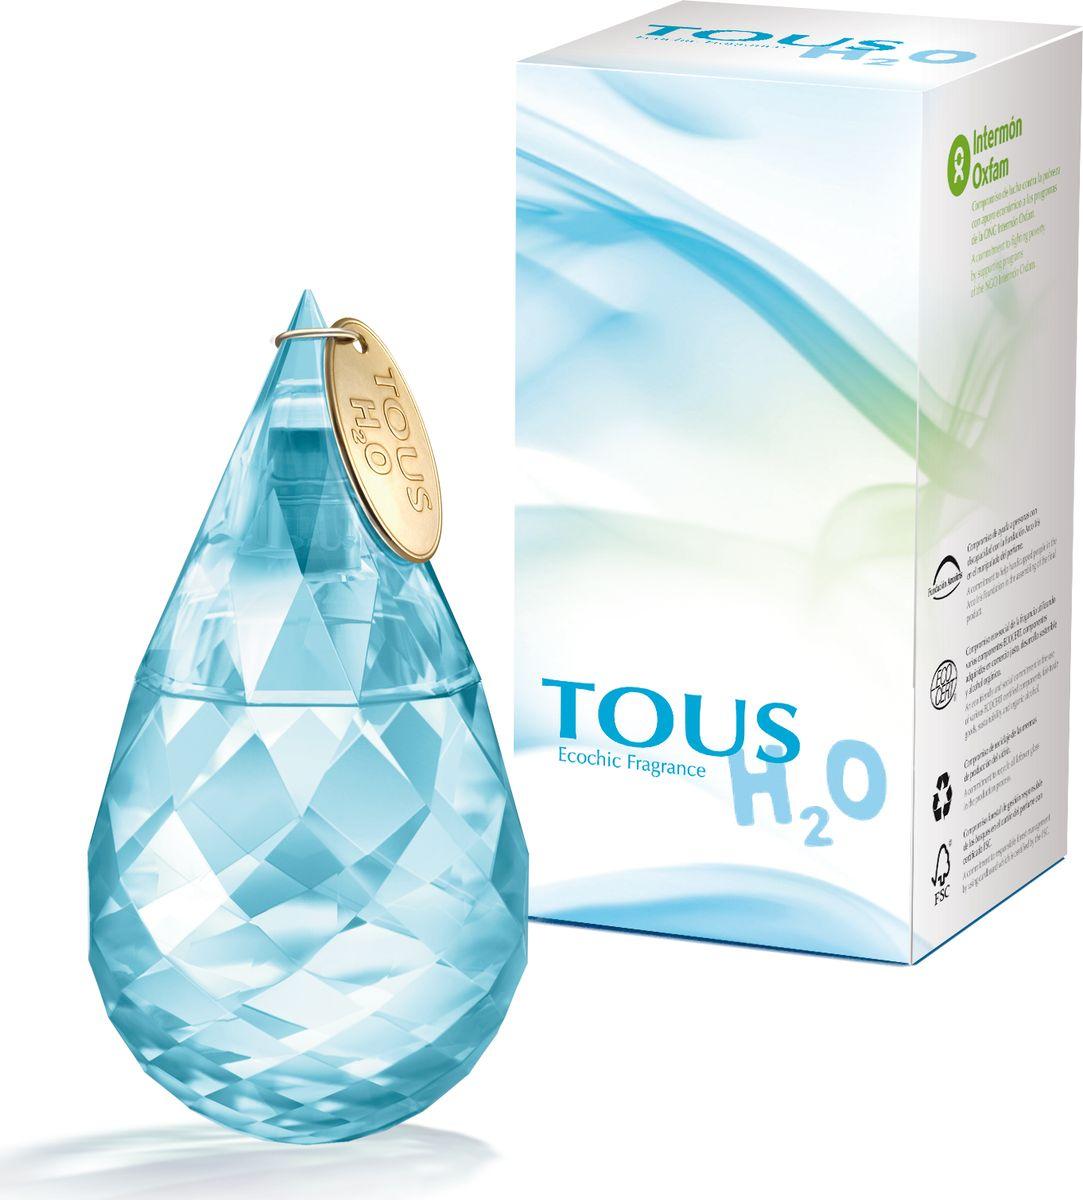 Tous H20 Туалетная вода 50 мл771051Парфюмерная композиция Tous H2O как будто вобрала в себя свежесть прохладного ручья и аромат цветущего сада, на лепестках роз которого капли росы поутру напоминают бриллианты.